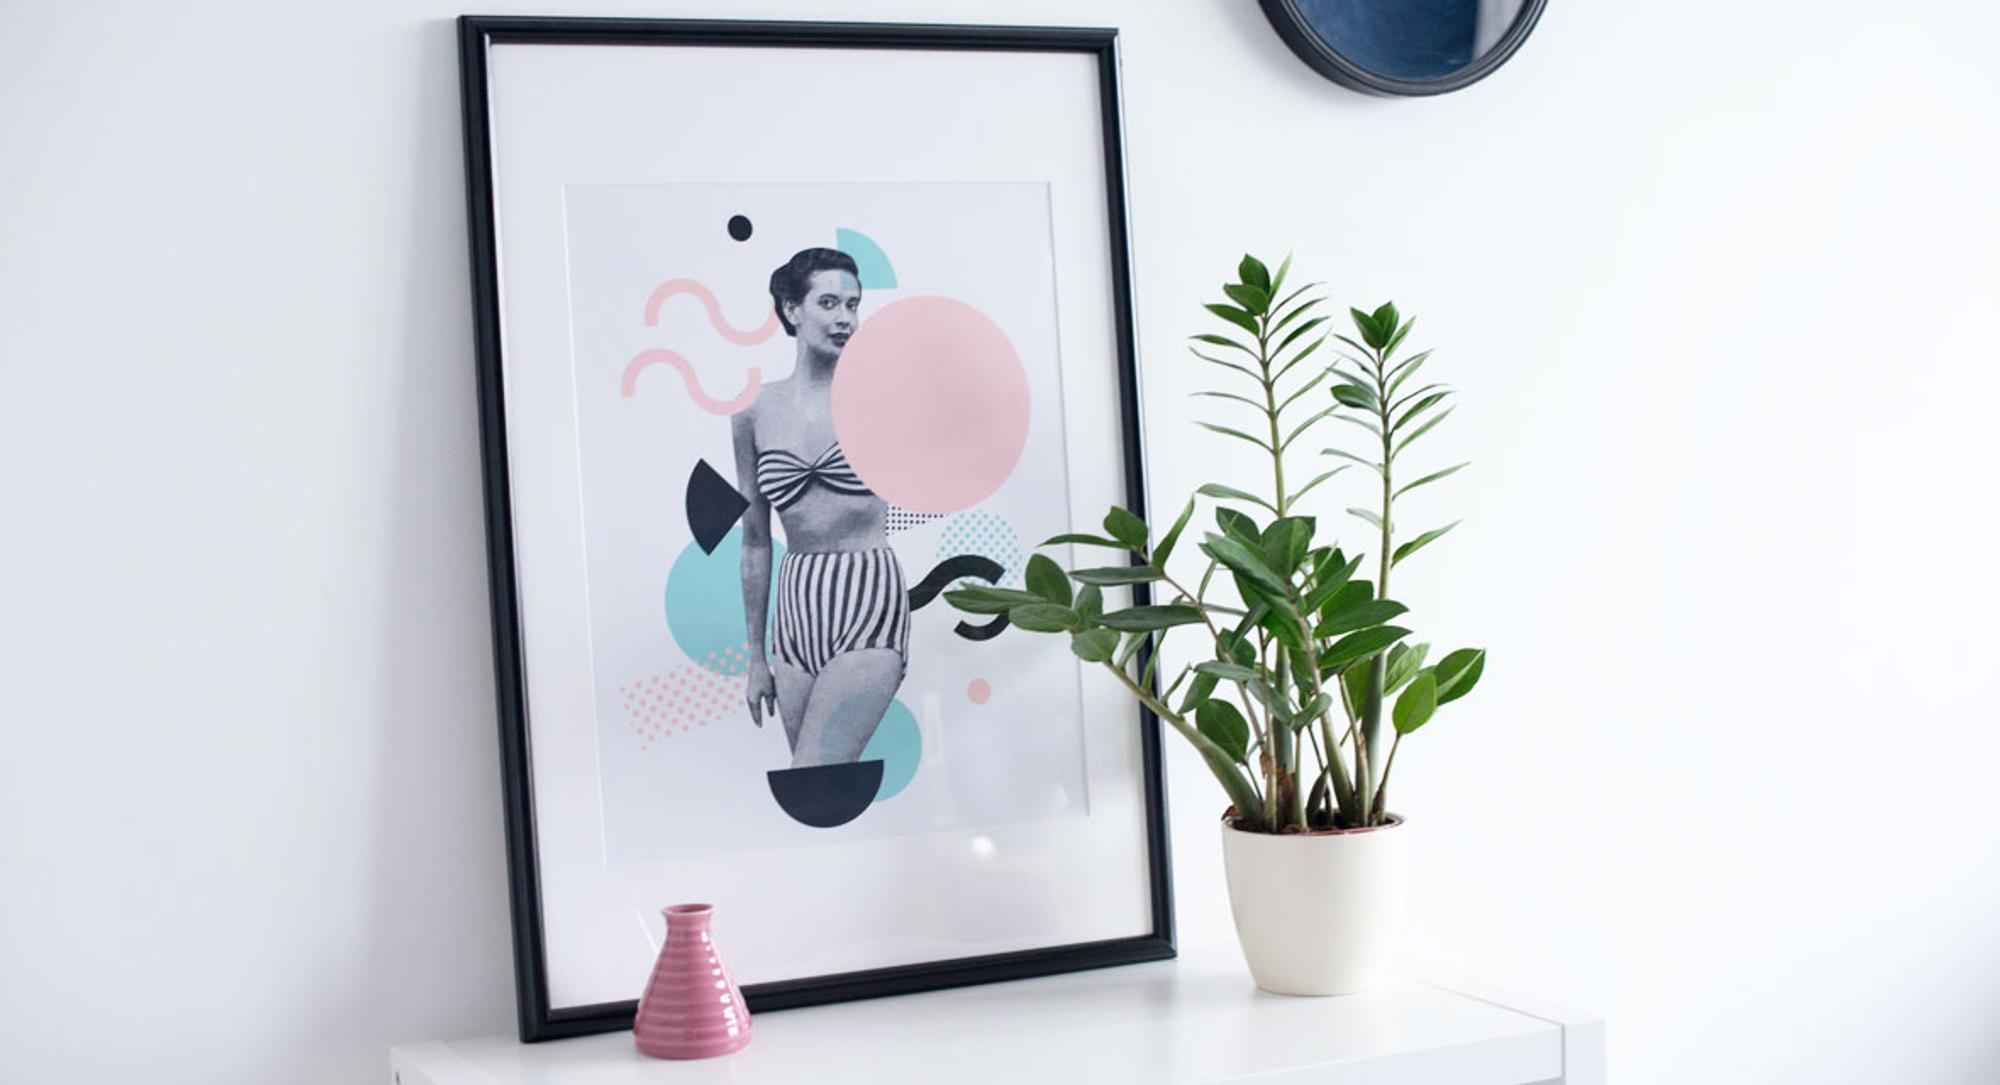 Kommode mit einem Bild und einer Pflanze